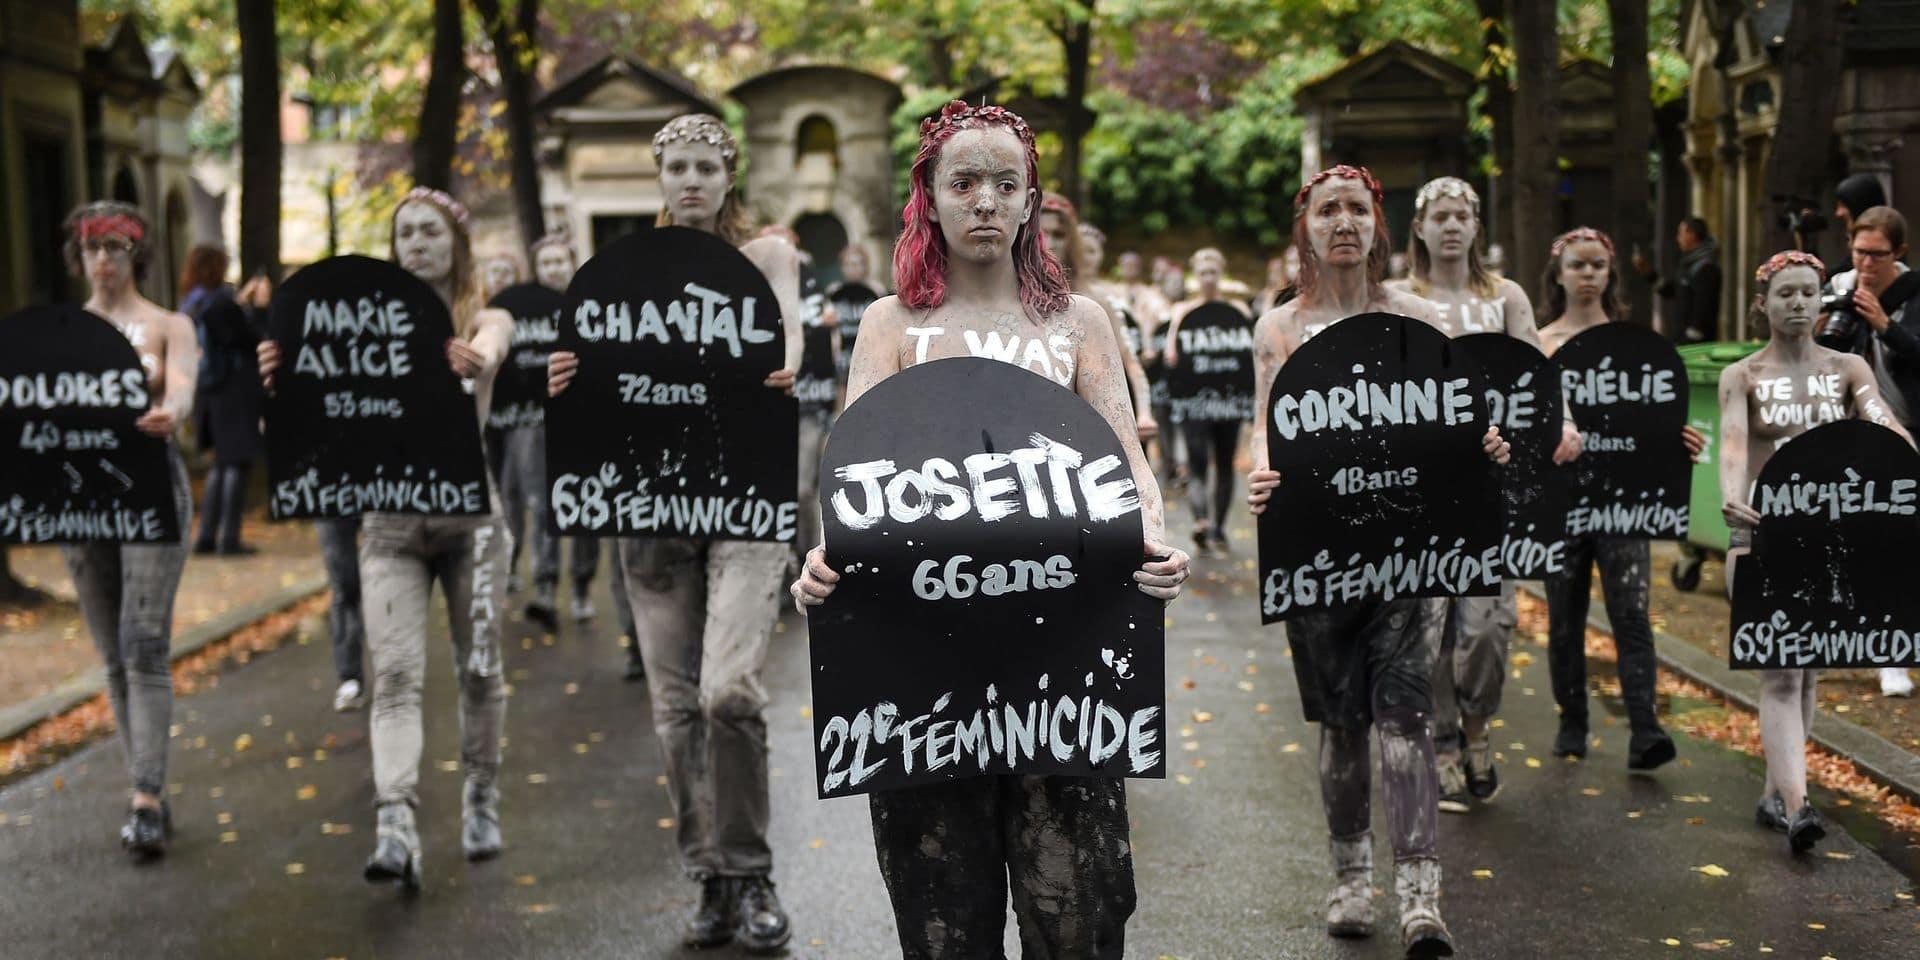 Faut-il inscrire le terme de féminicide dans le Code pénal ?